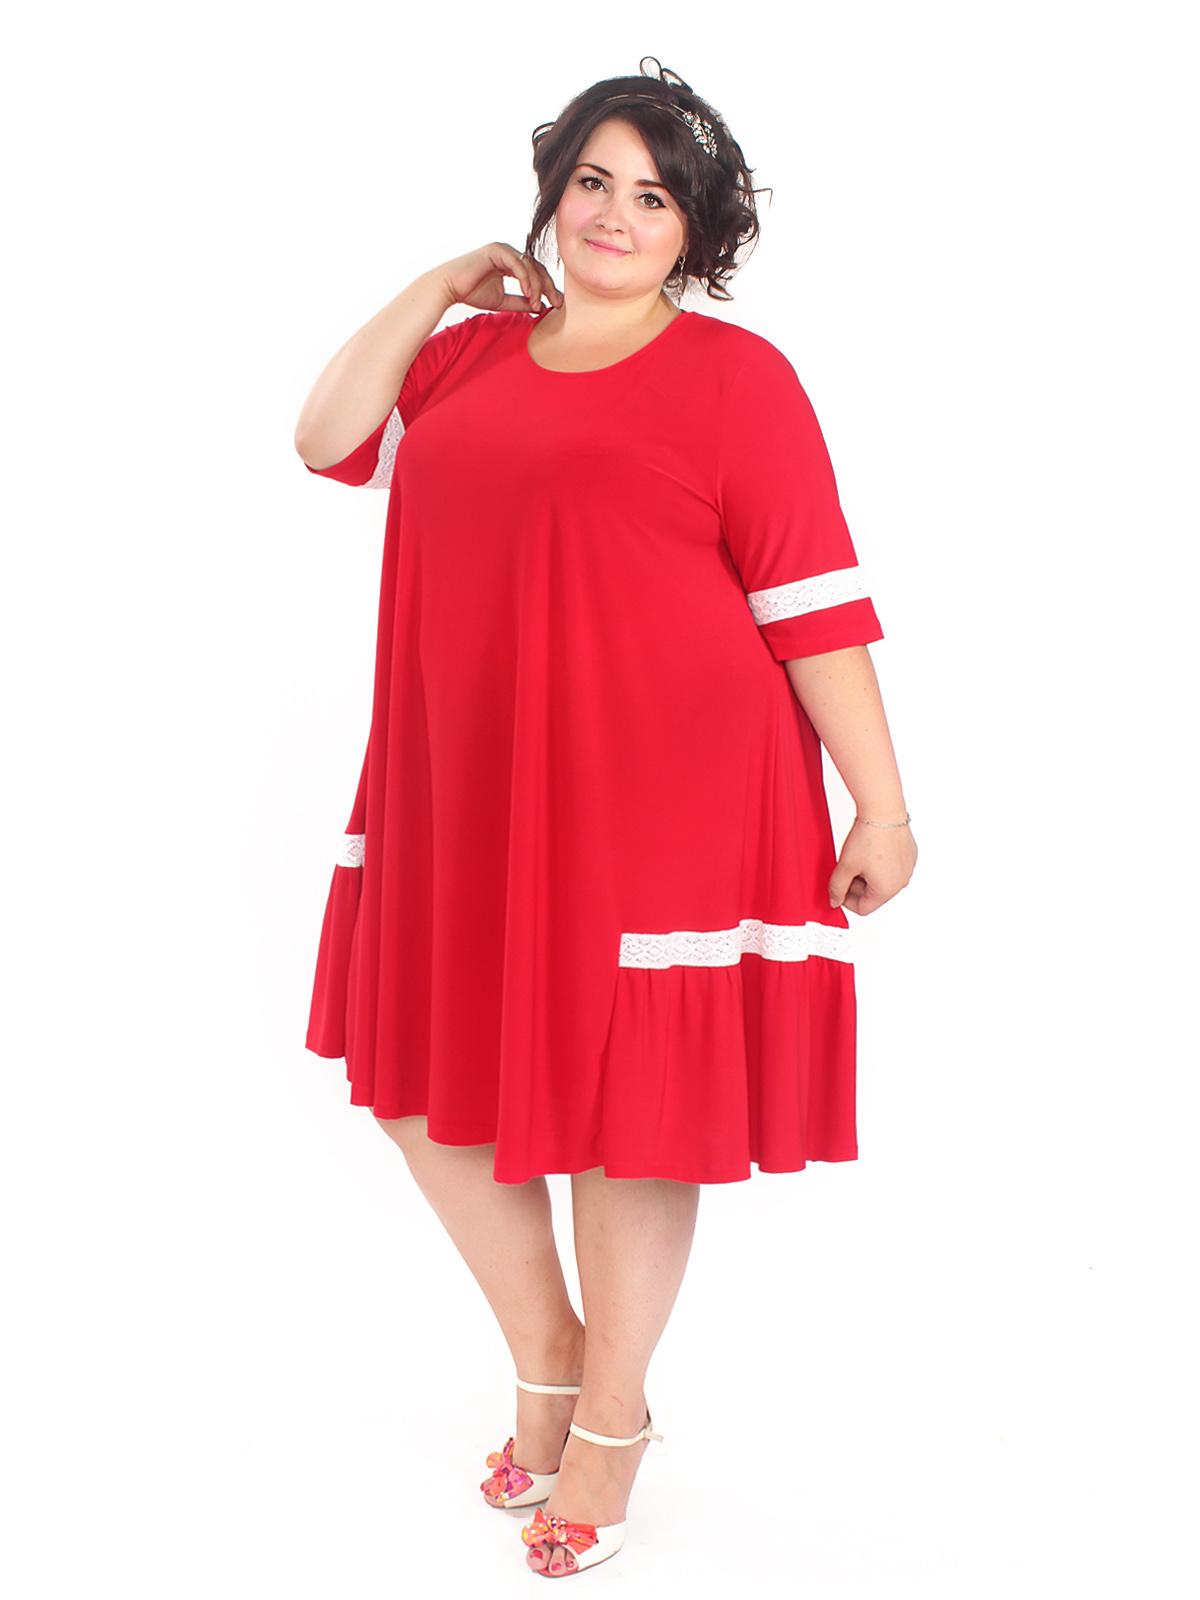 Женская Турецкая Одежда Интернет Магазин С Доставкой